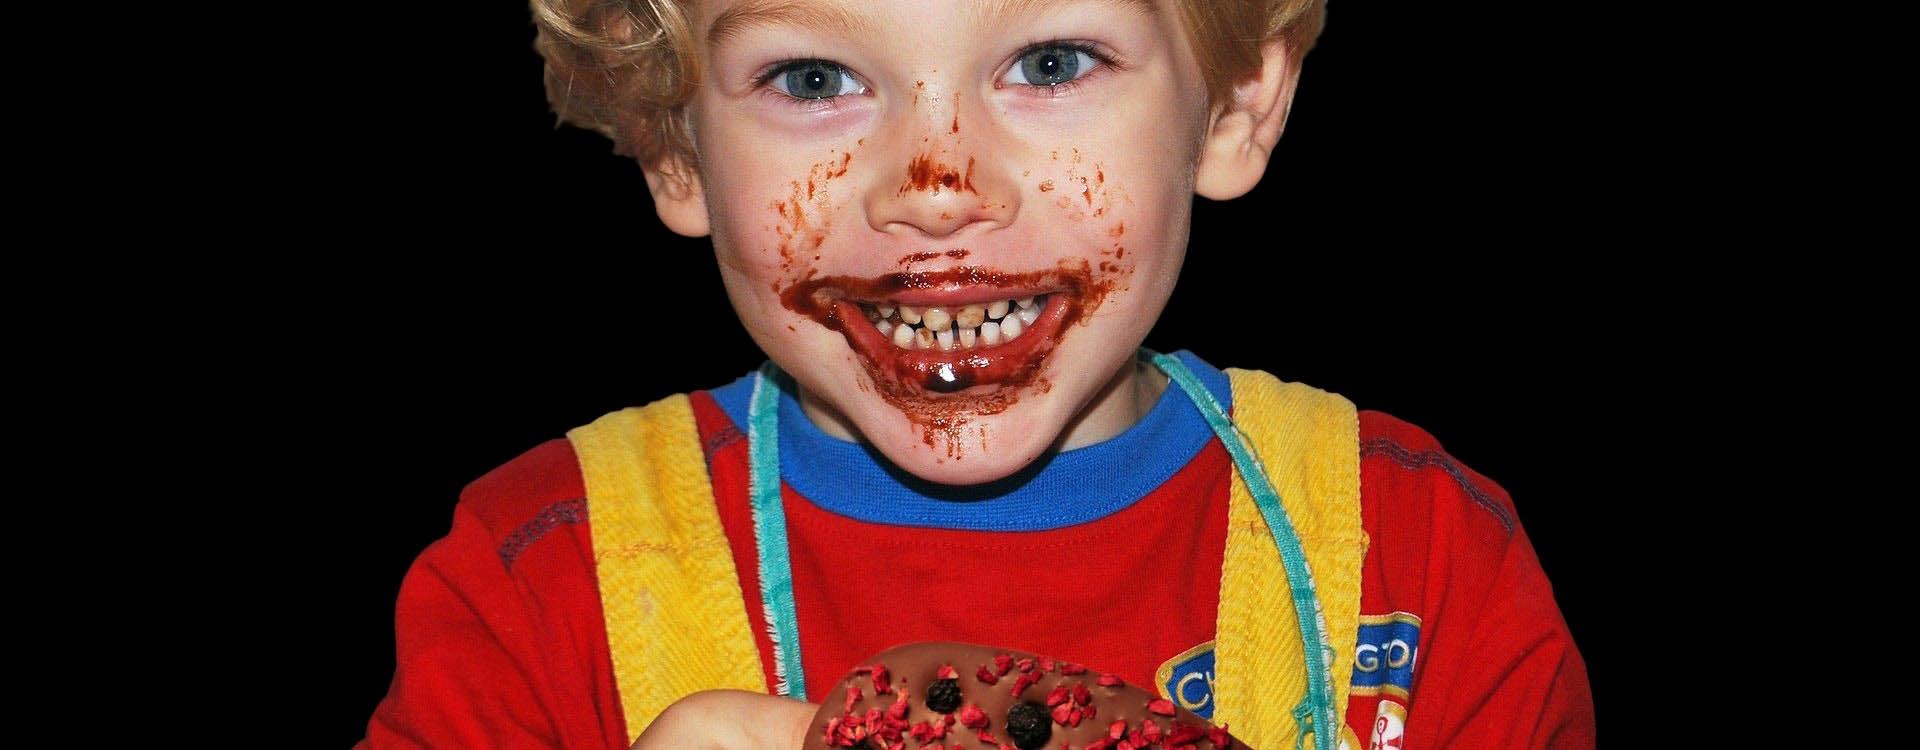 Auf der Suche nach mehr Glück hilft Schokolade manchmal mehr als Schmuck oder Geld